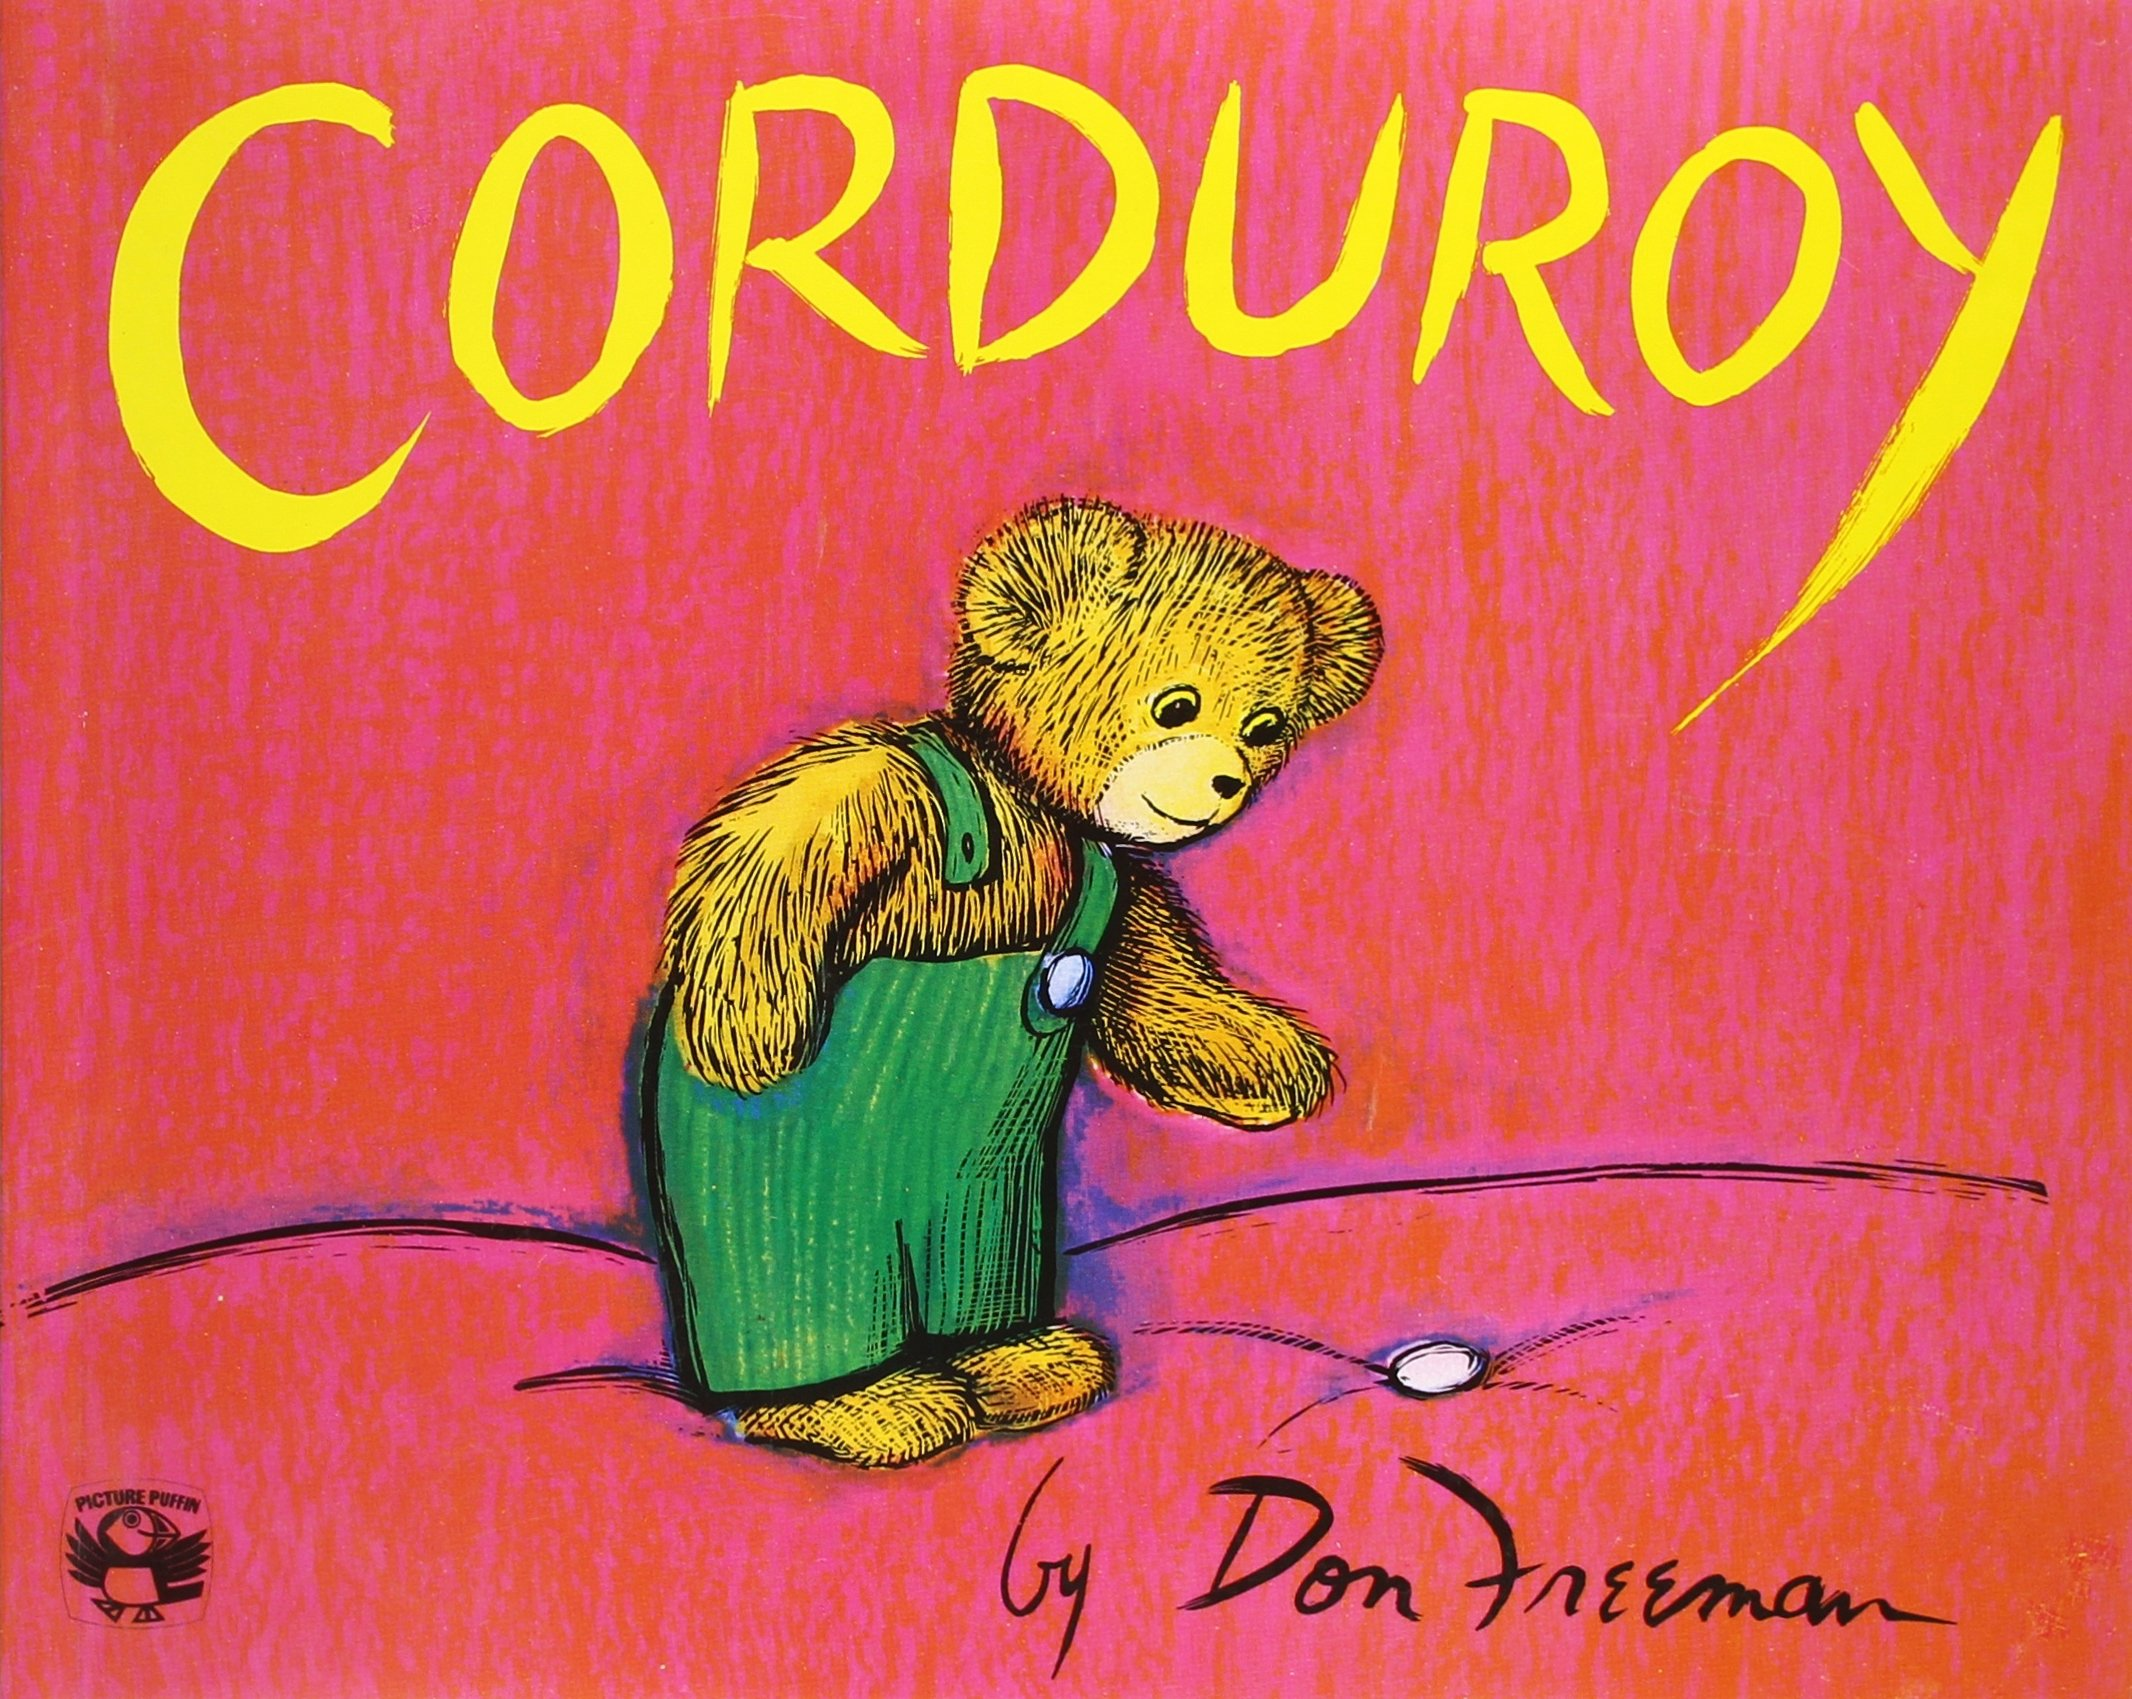 Corduroy book amazon